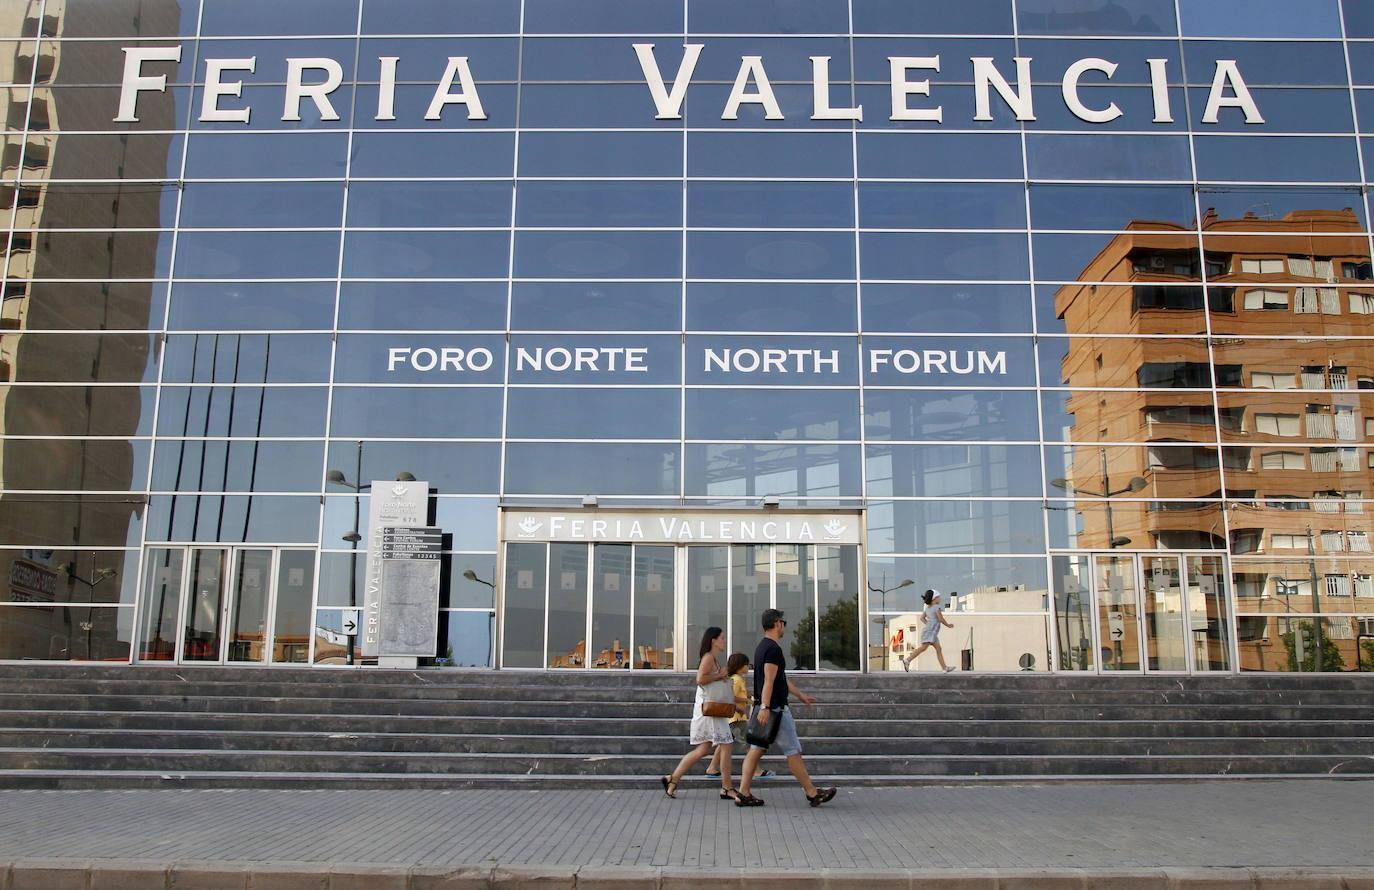 Feria Valencia «vuelve a beneficios por primera vez en una década» con 2,3 millones en 2018, casi un 180% más